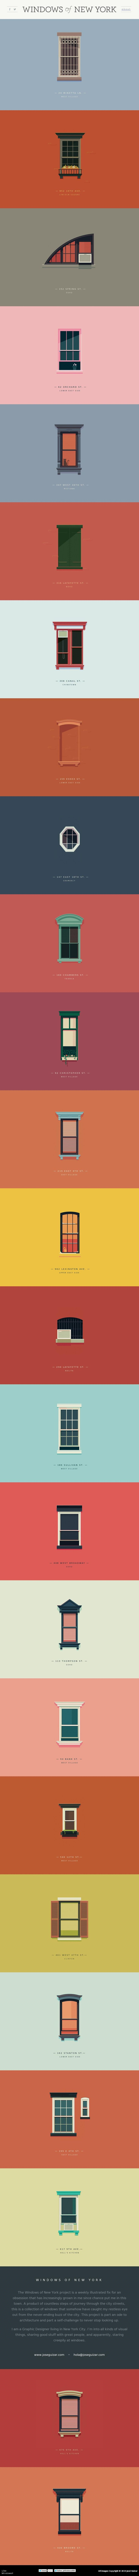 #windows